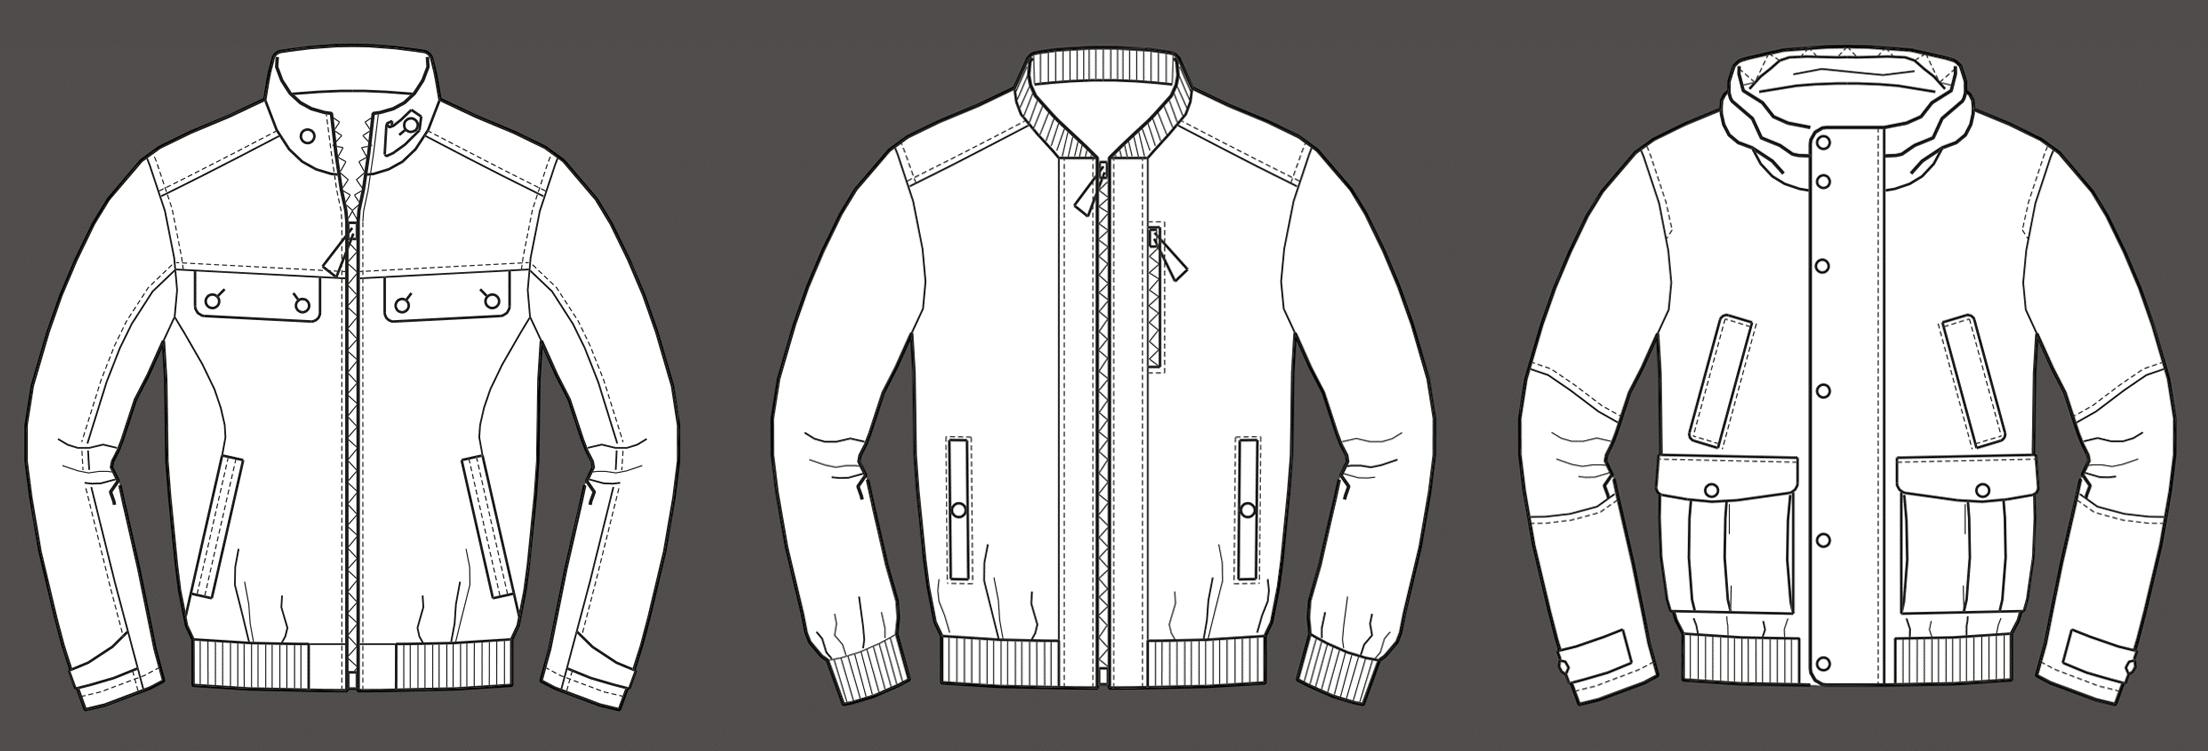 Pin On Patternmaking Menswear